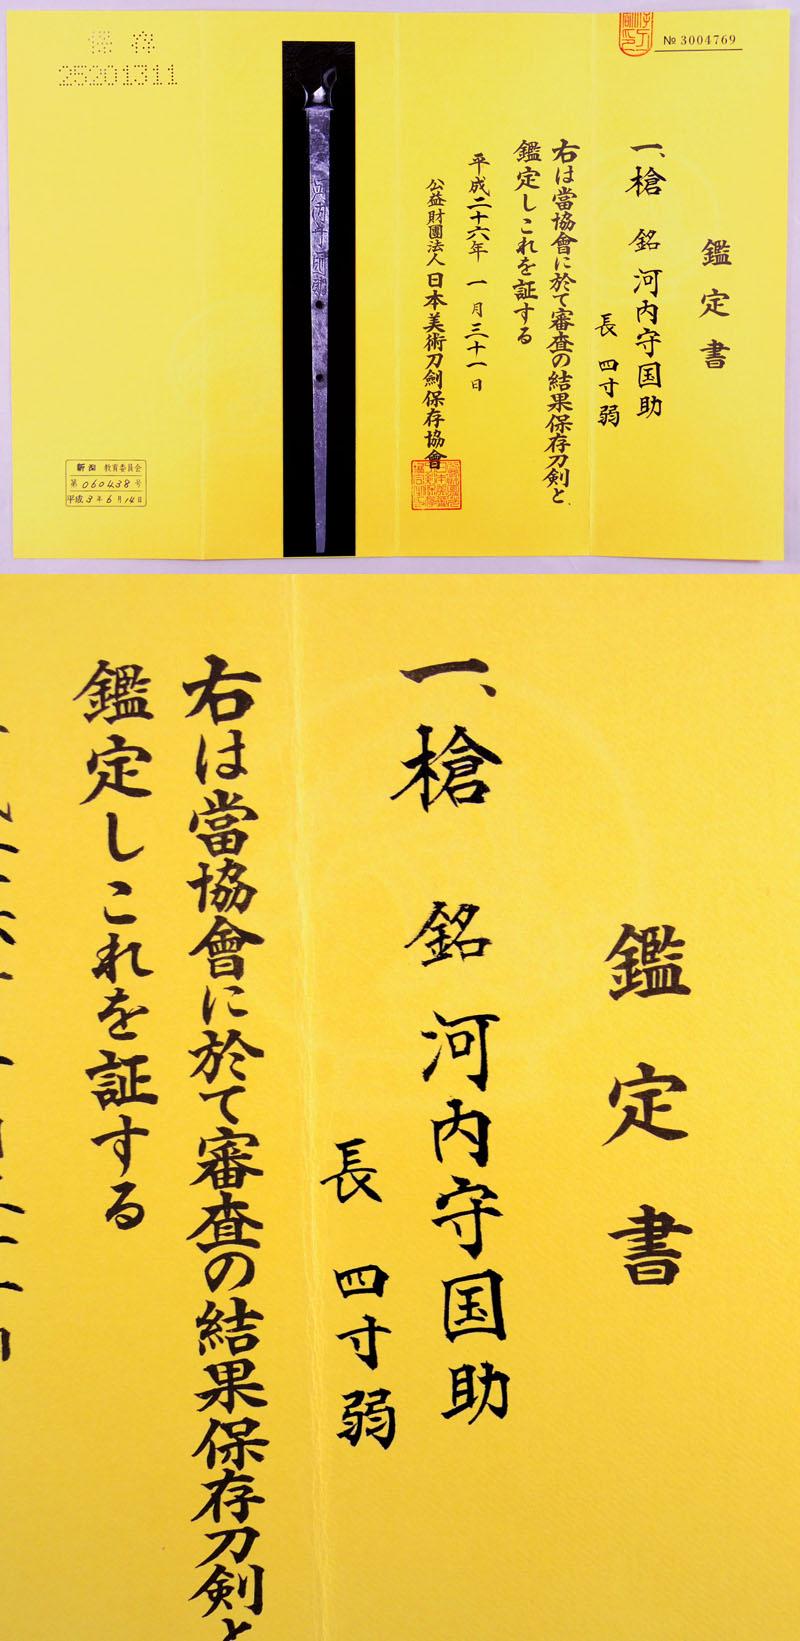 河内守国助(二代) Picture of Certificate